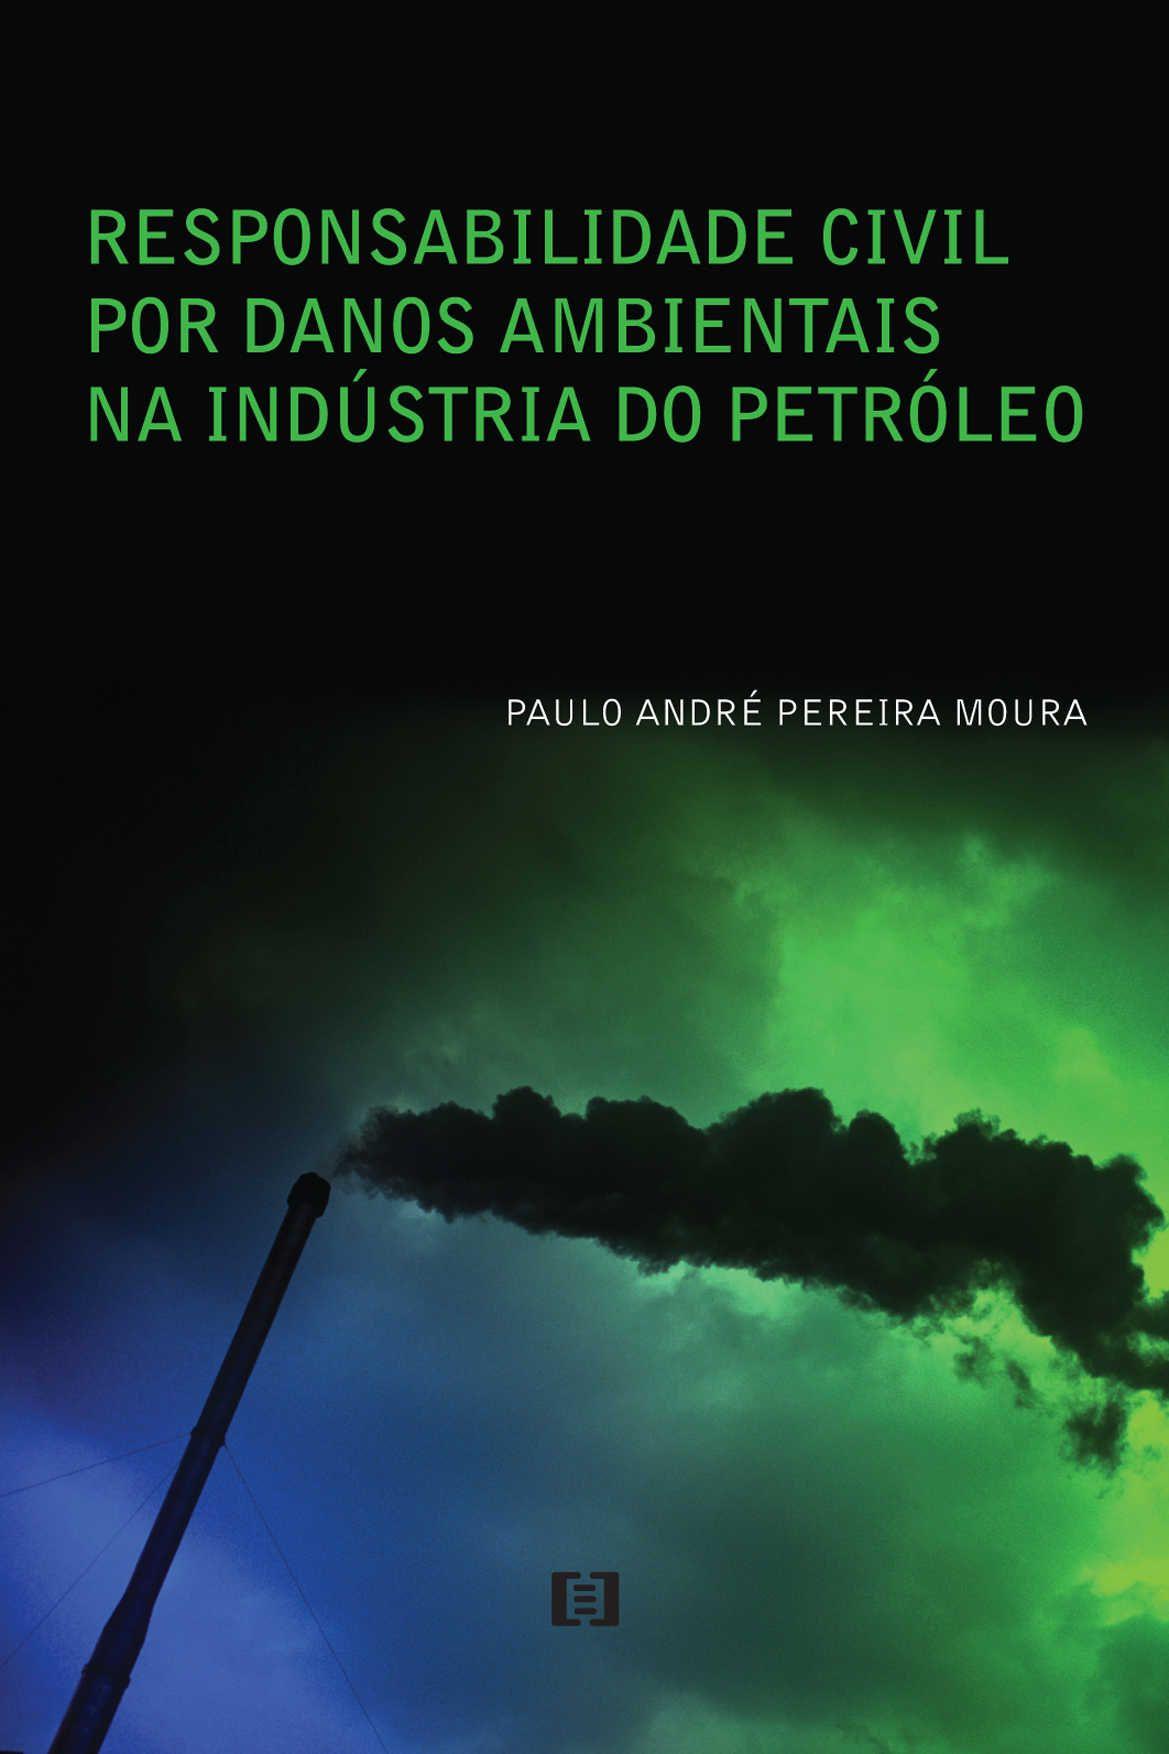 Responsabilidade civil por danos ambientais na indústria do Petróleo